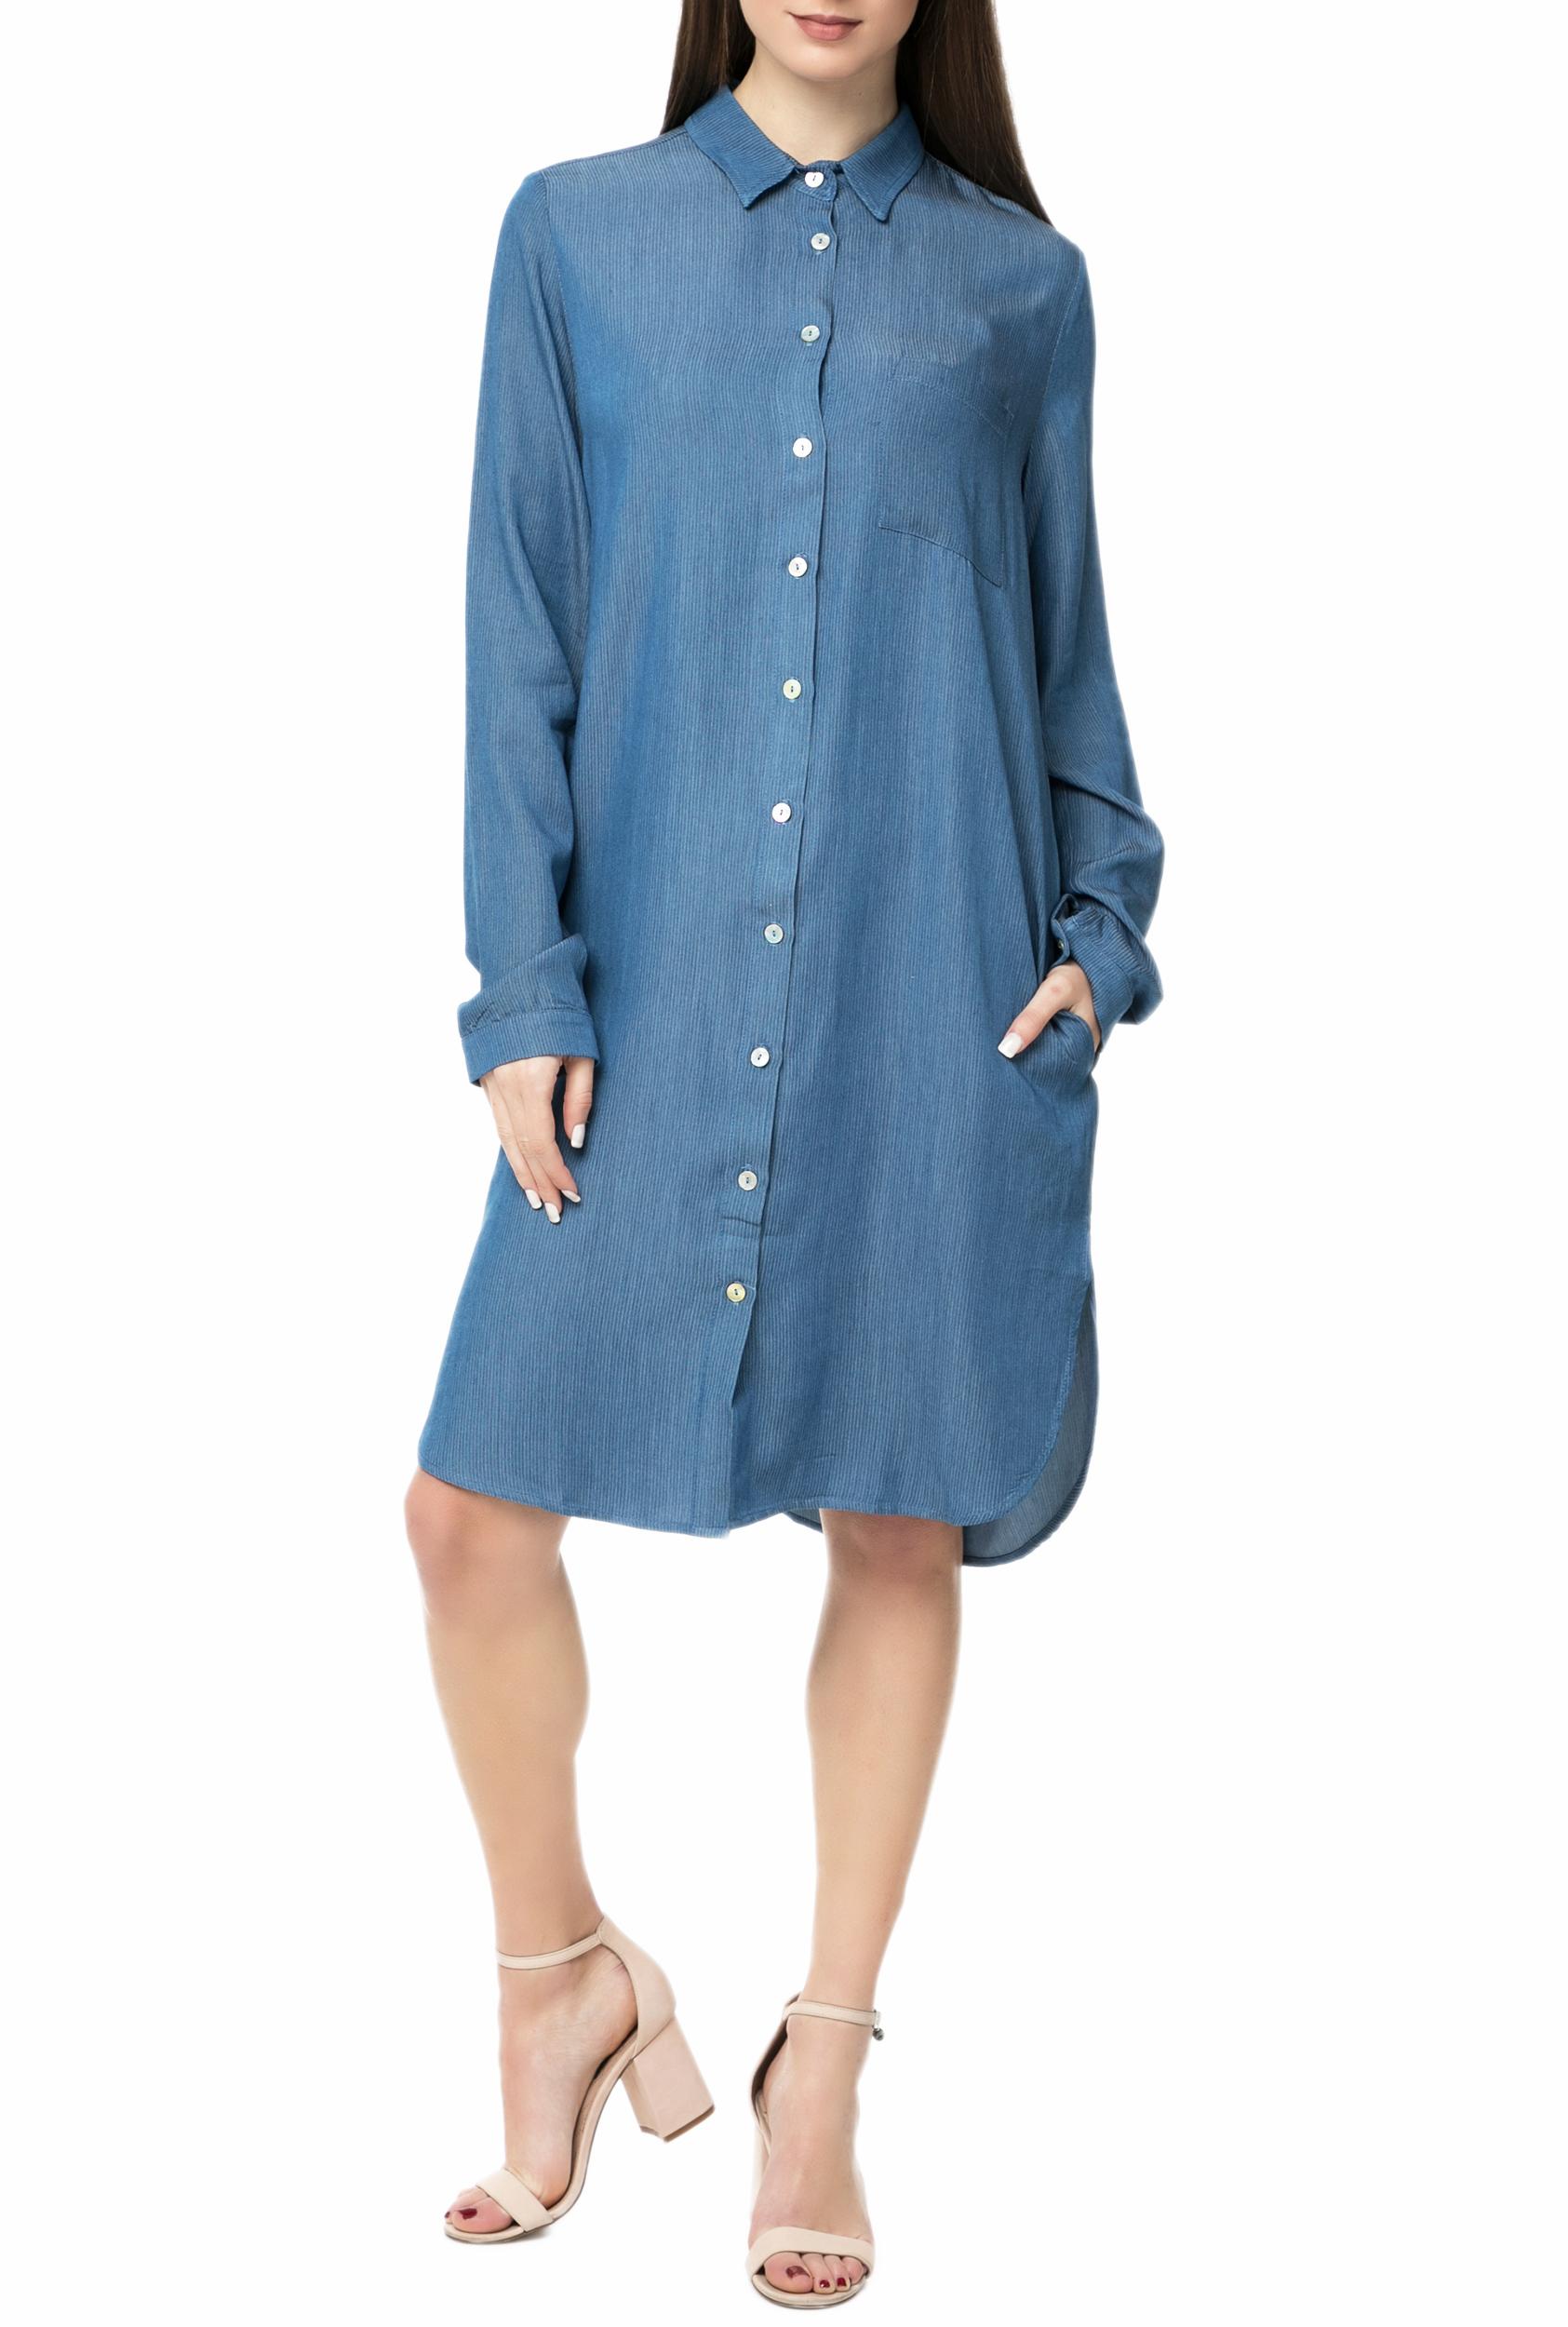 c288458bb65 LA DOLLS - Γυναικείο τζιν φόρεμα L.A. DOLLS BLUE SKY μπλε